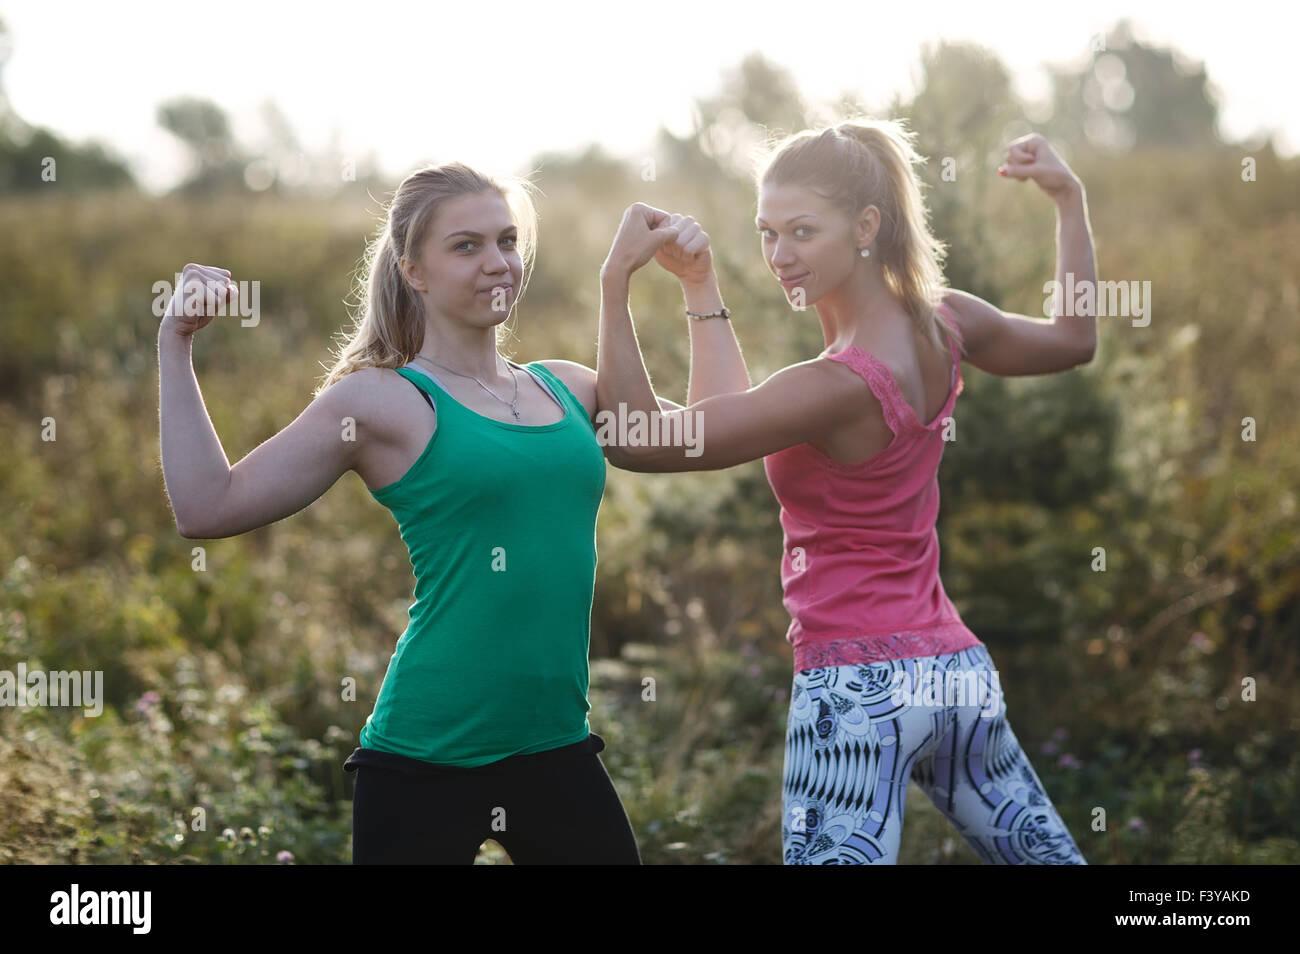 Due ragazze atletica flettendo i loro muscoli del braccio Immagini Stock